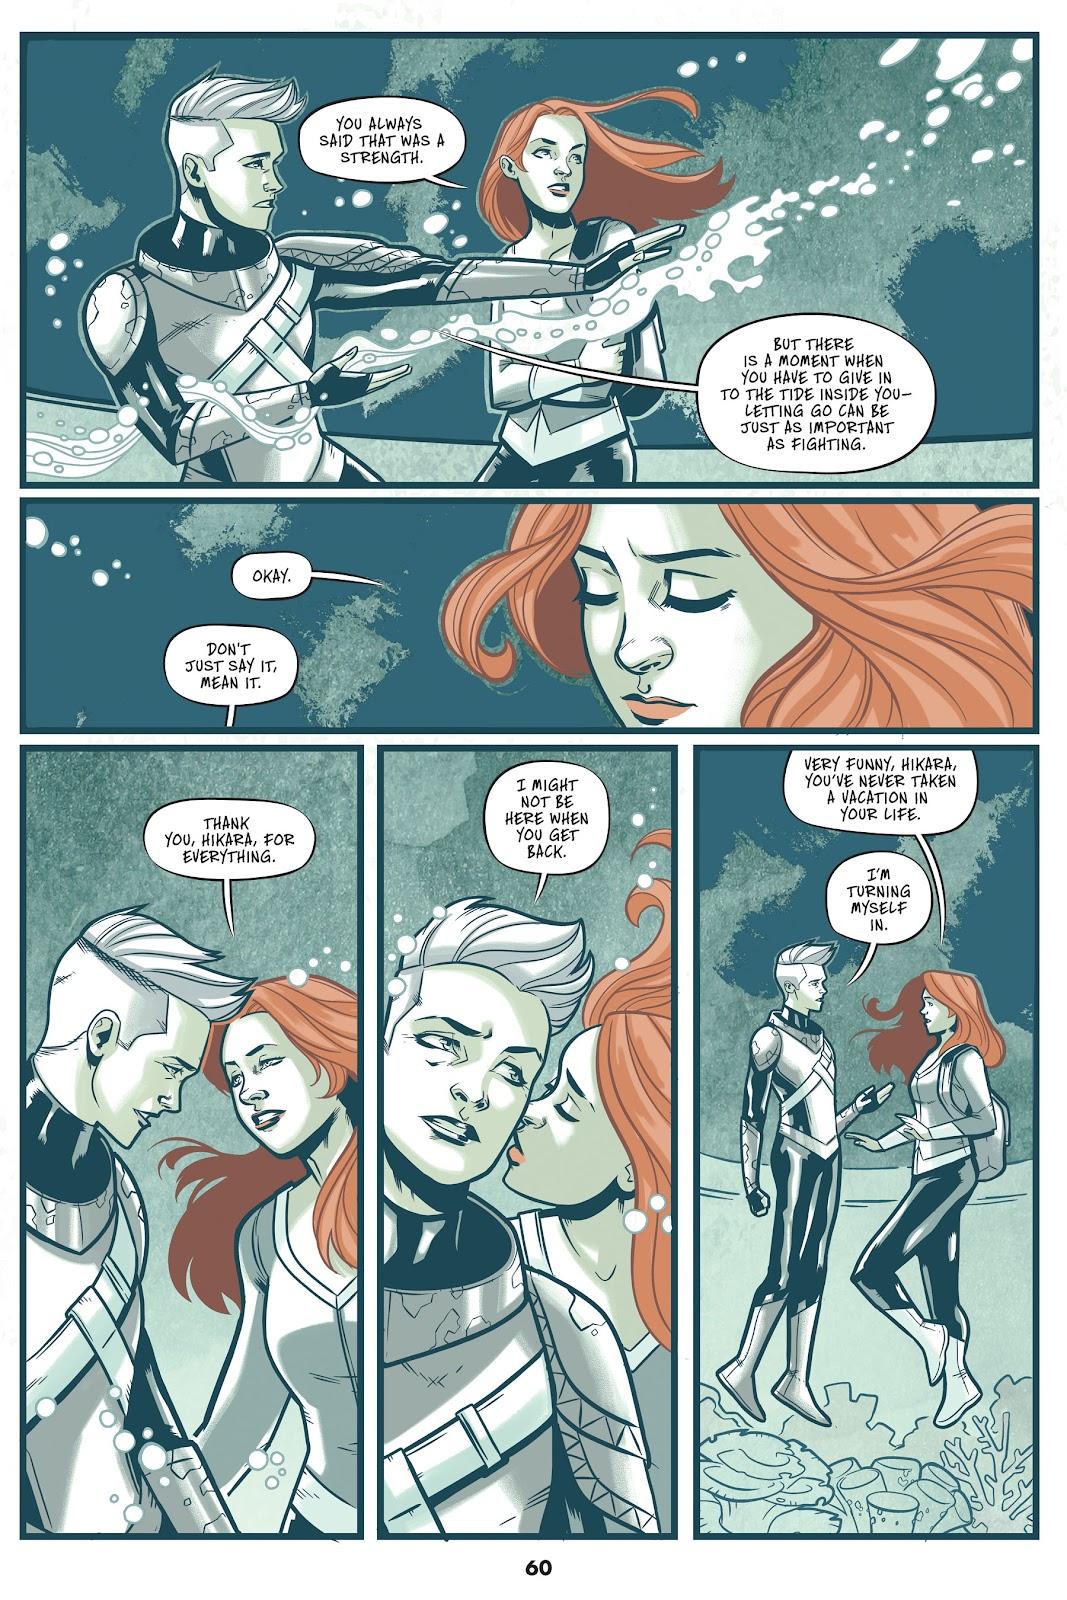 Read online Mera: Tidebreaker comic -  Issue # TPB (Part 1) - 60